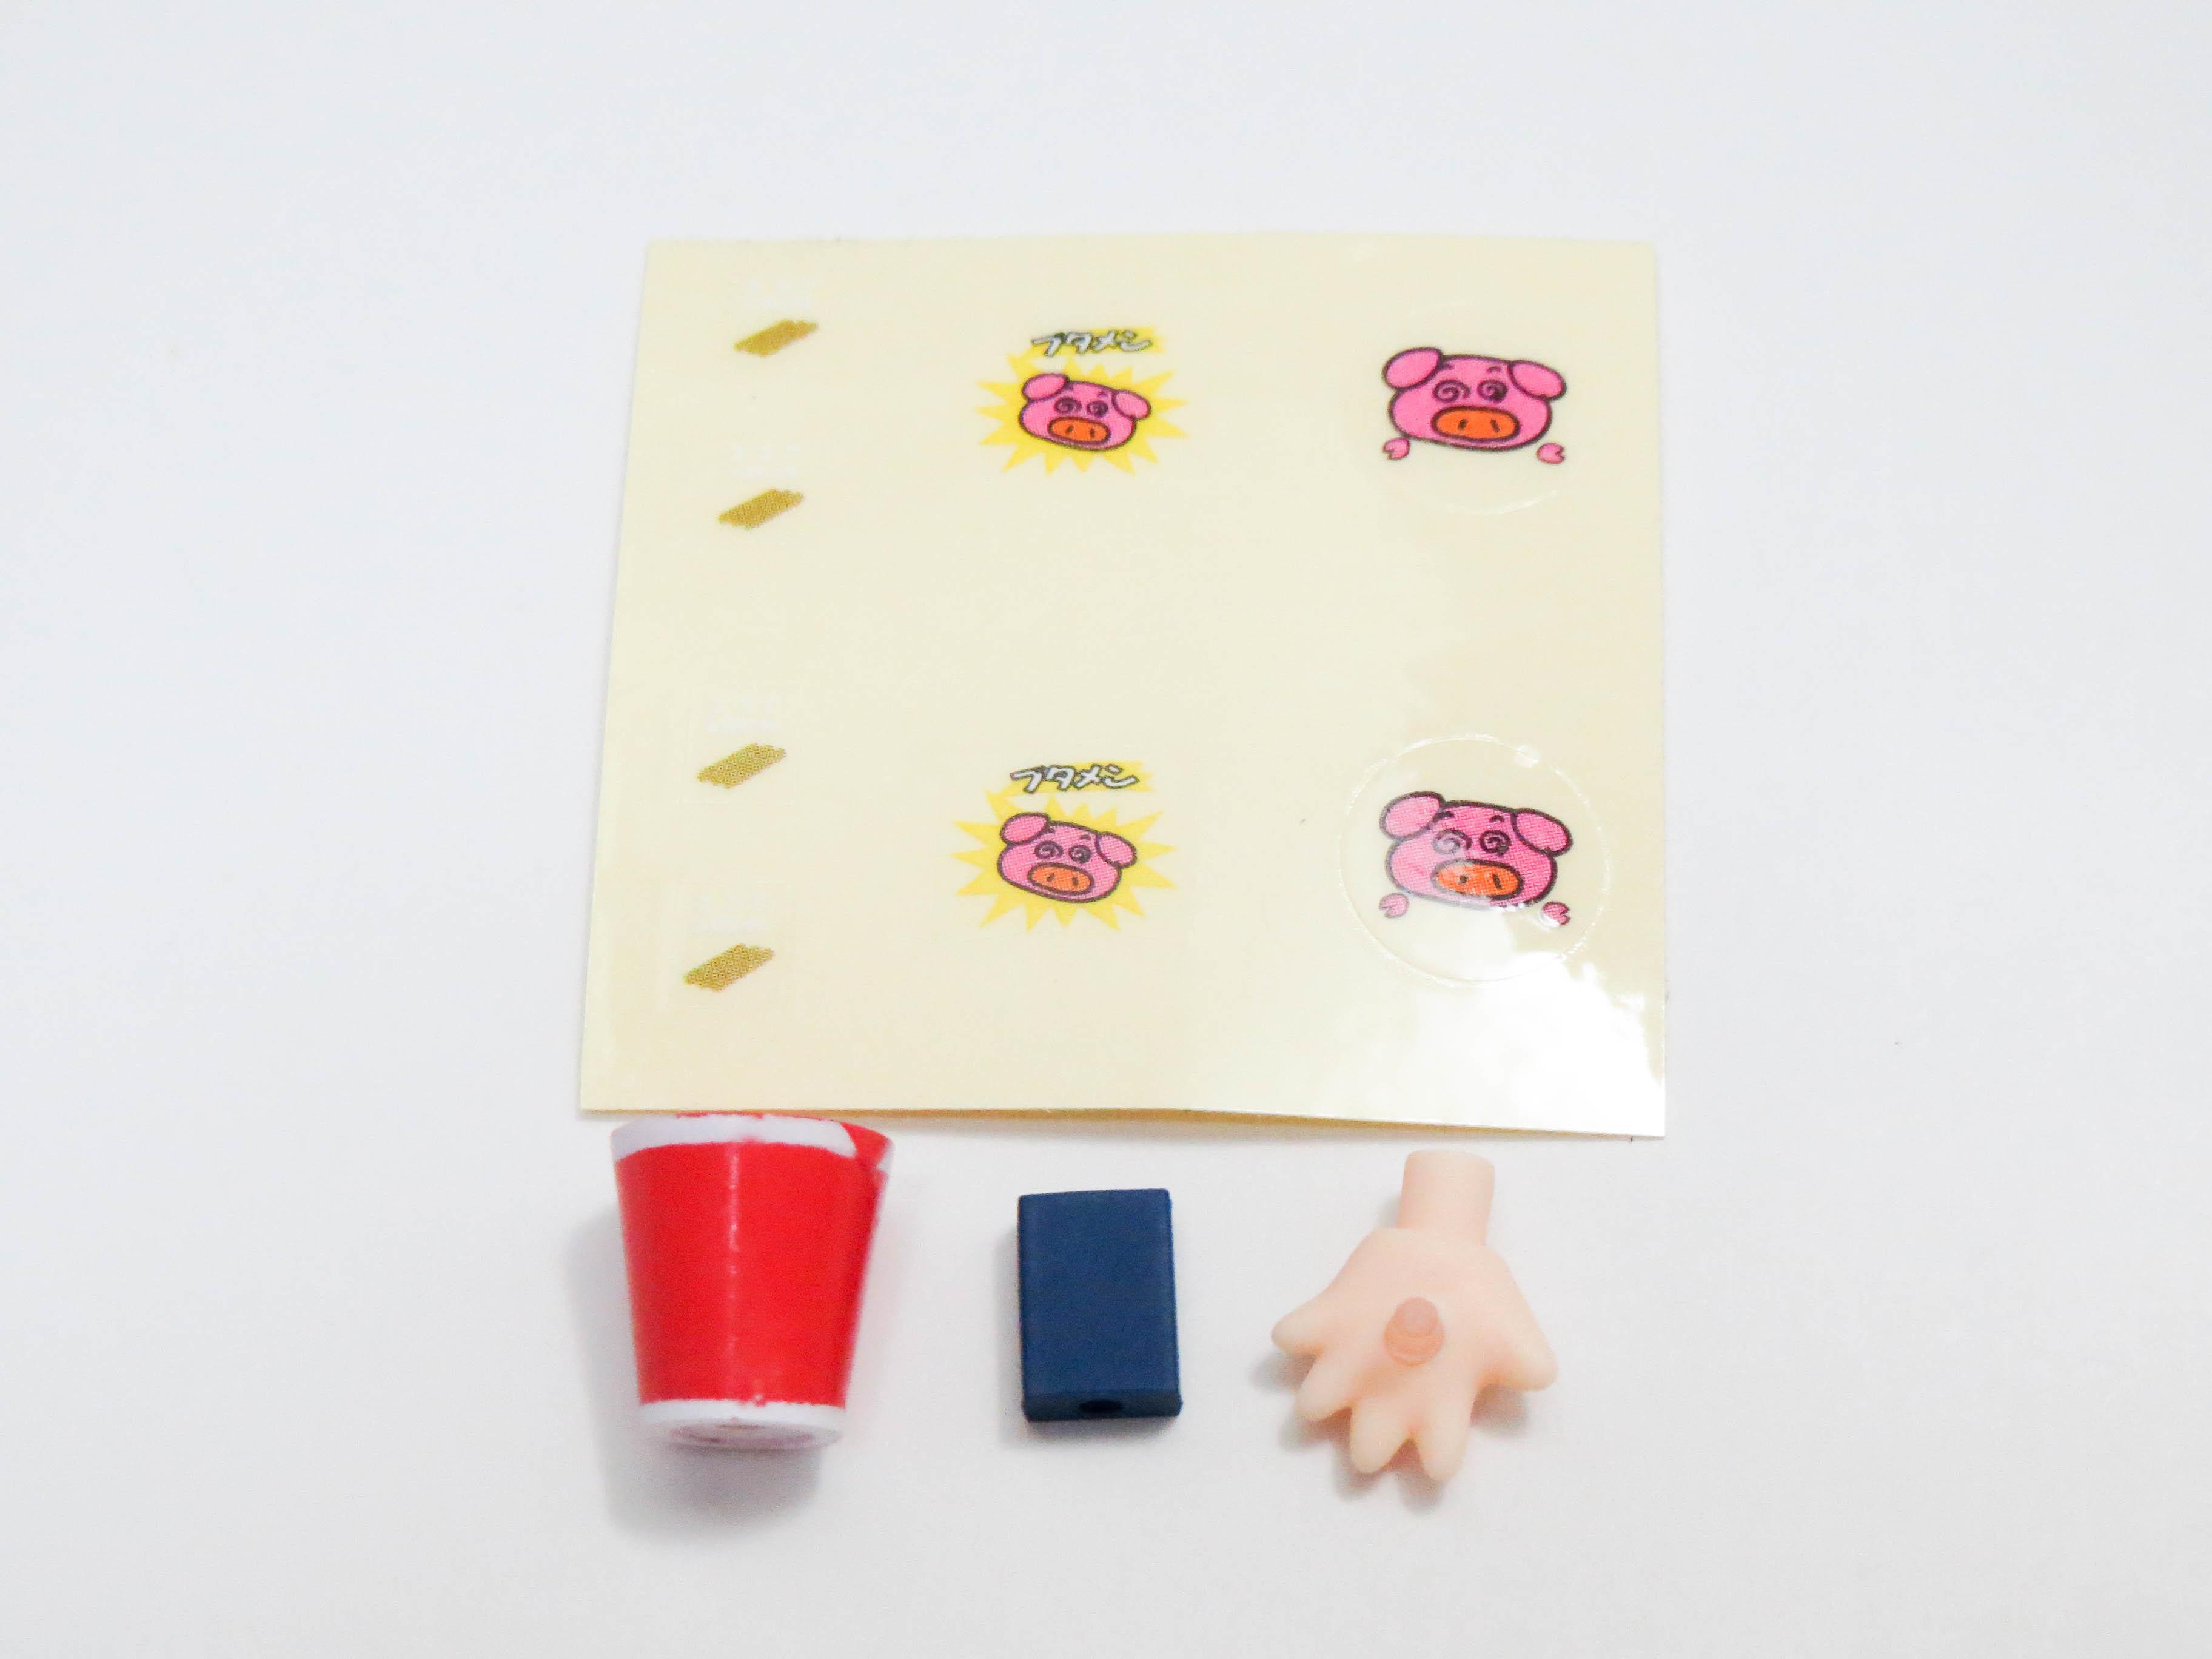 【SALE】【640】 枝垂ほたる 小物パーツ お菓子2種 ねんどろいど